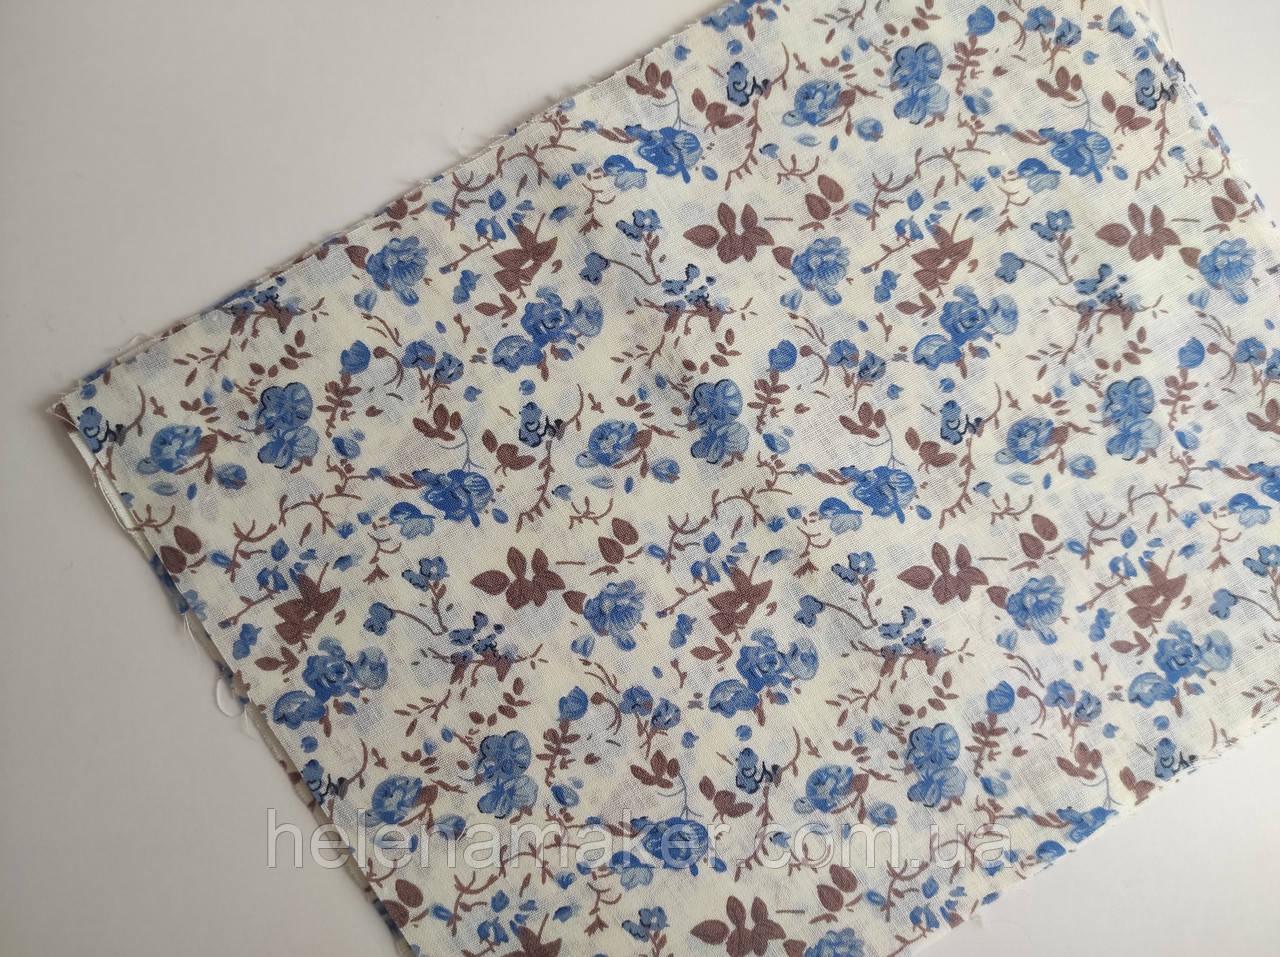 Ситець для рукоділля Блакитні квіти на гілочках на молочному фоні. Розмір відрізу 20*25 см